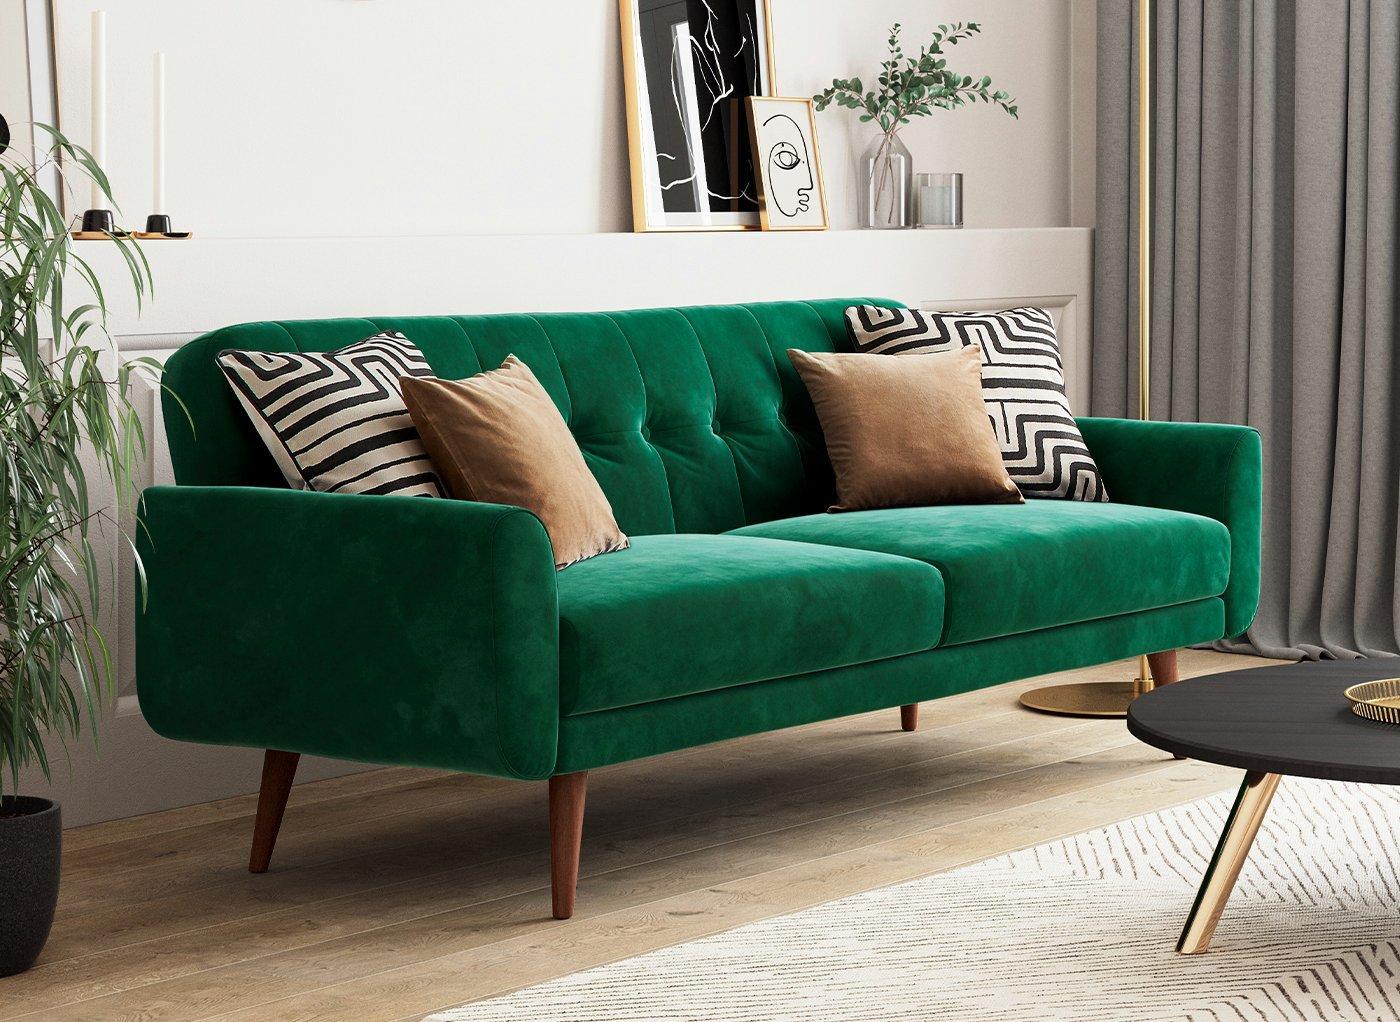 Gallway 3 Seater Sofa Bed - Forest Green Velvet